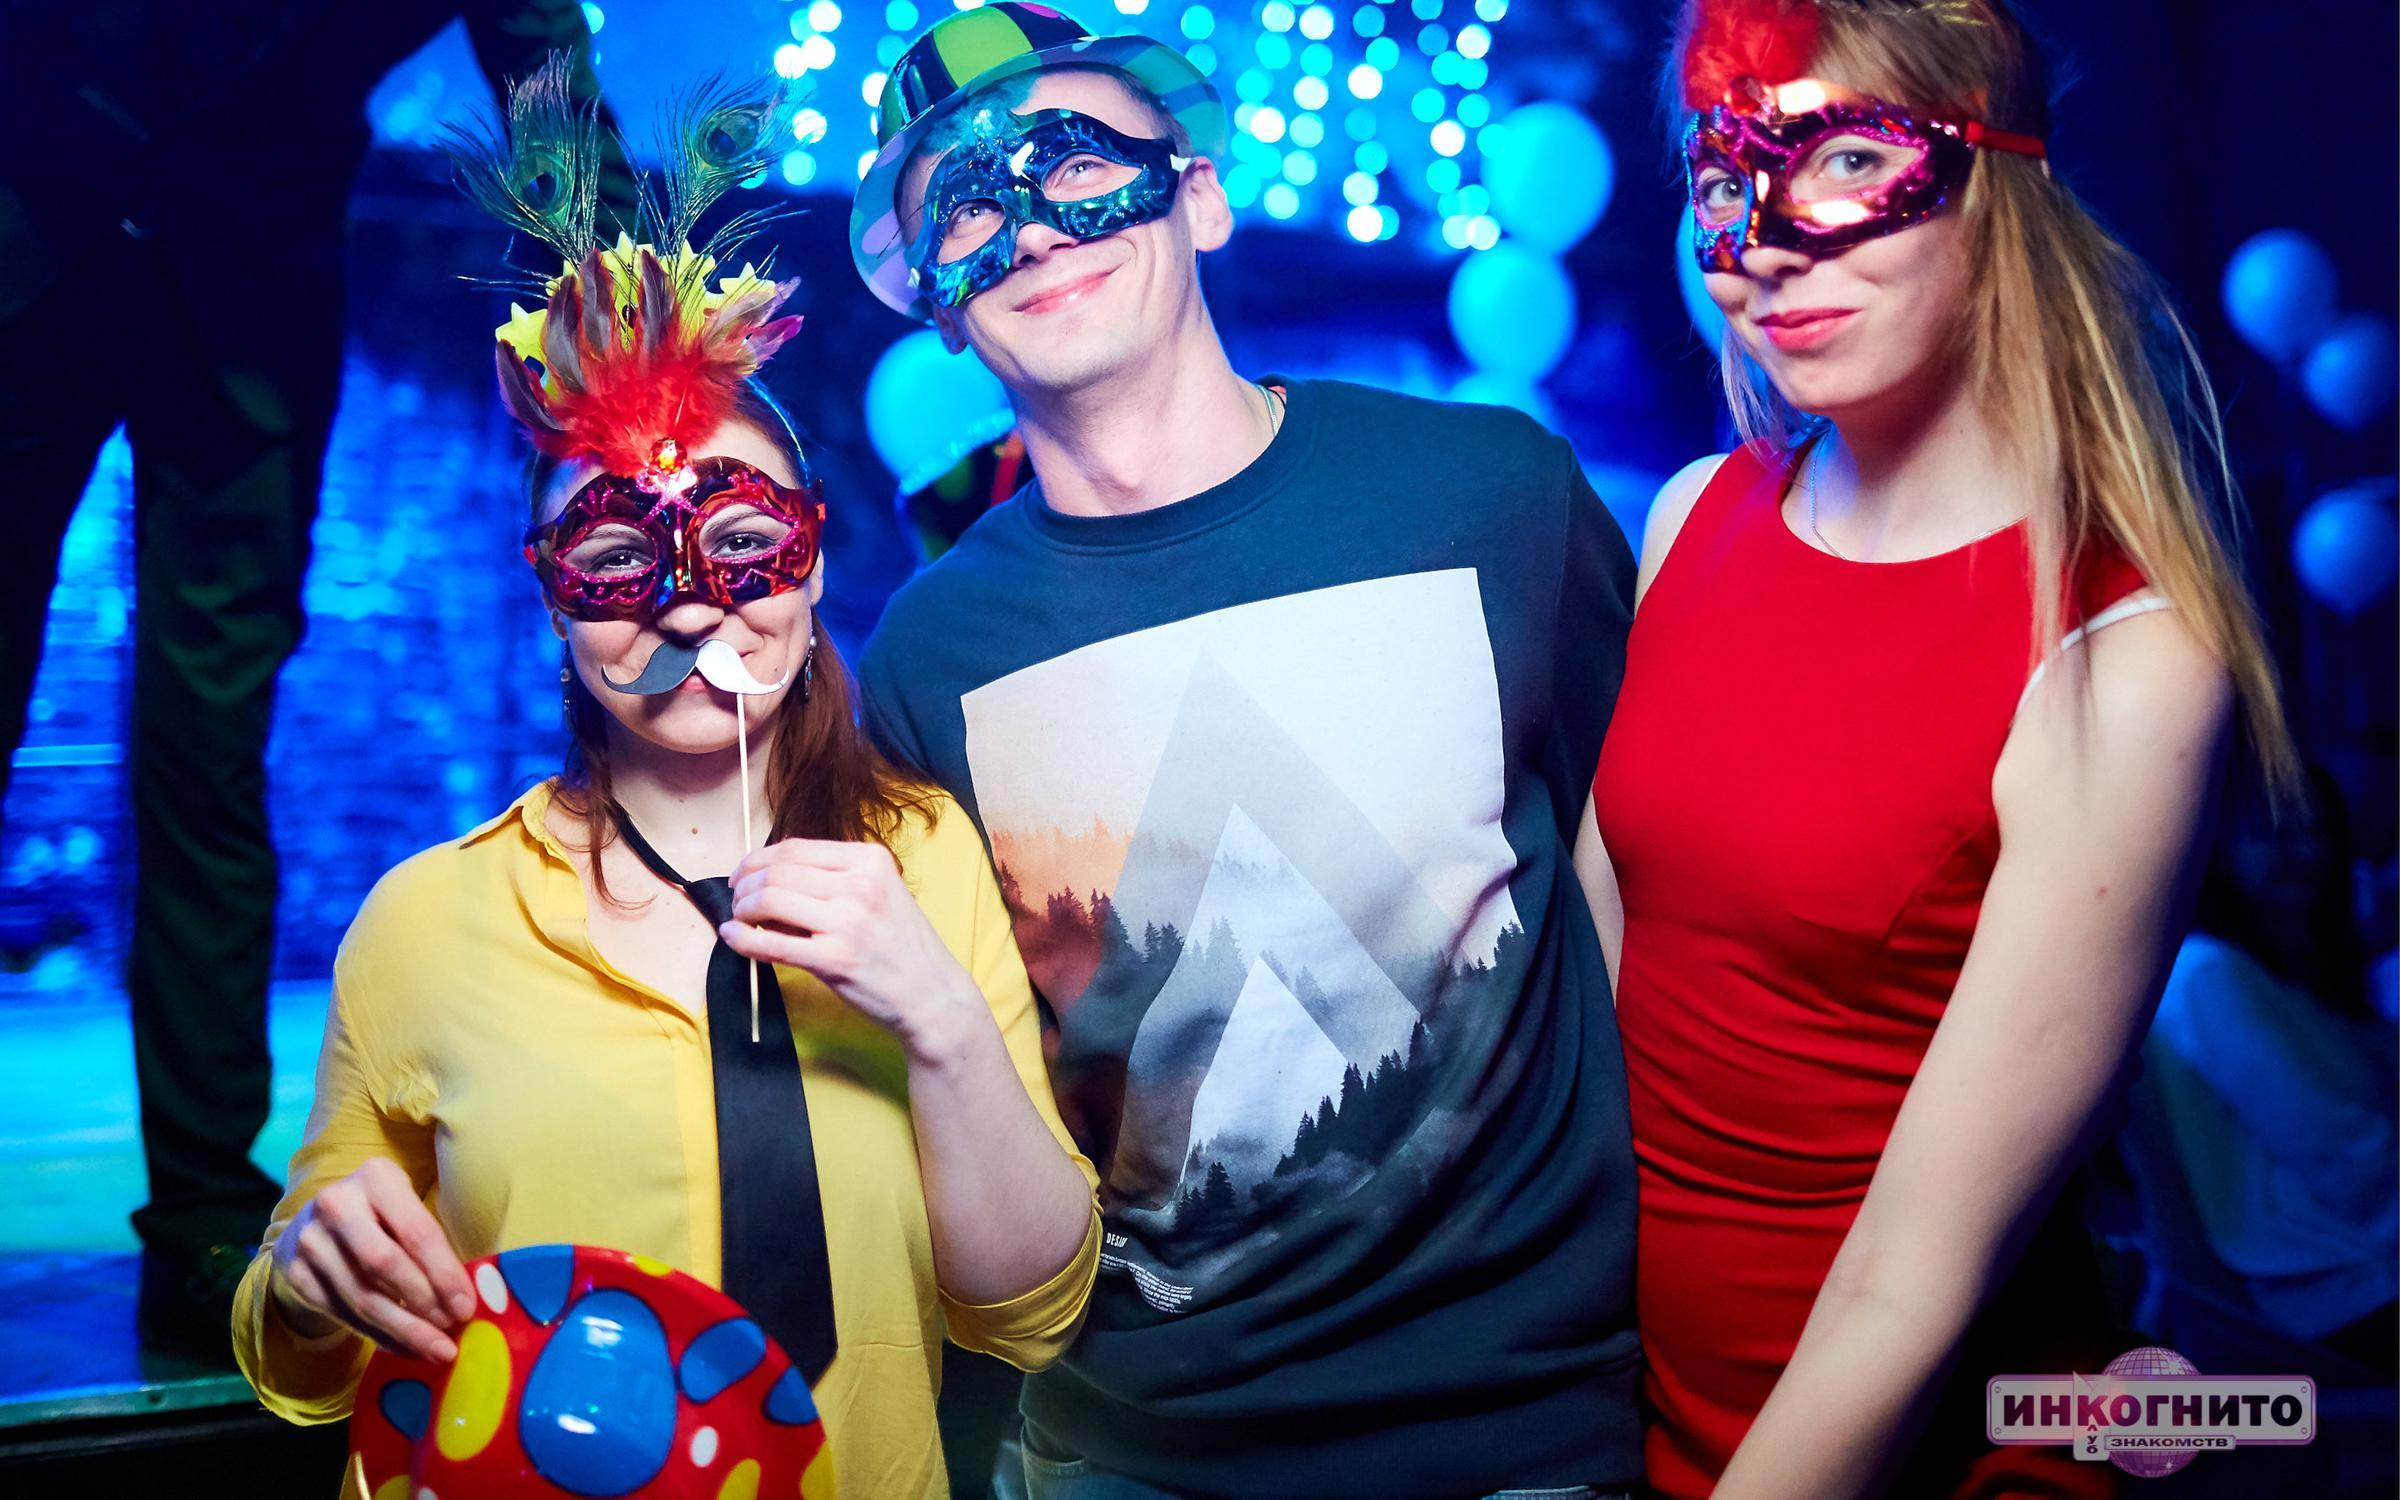 Ночной клуб в москве для знакомств ночной клуб фоксес самара